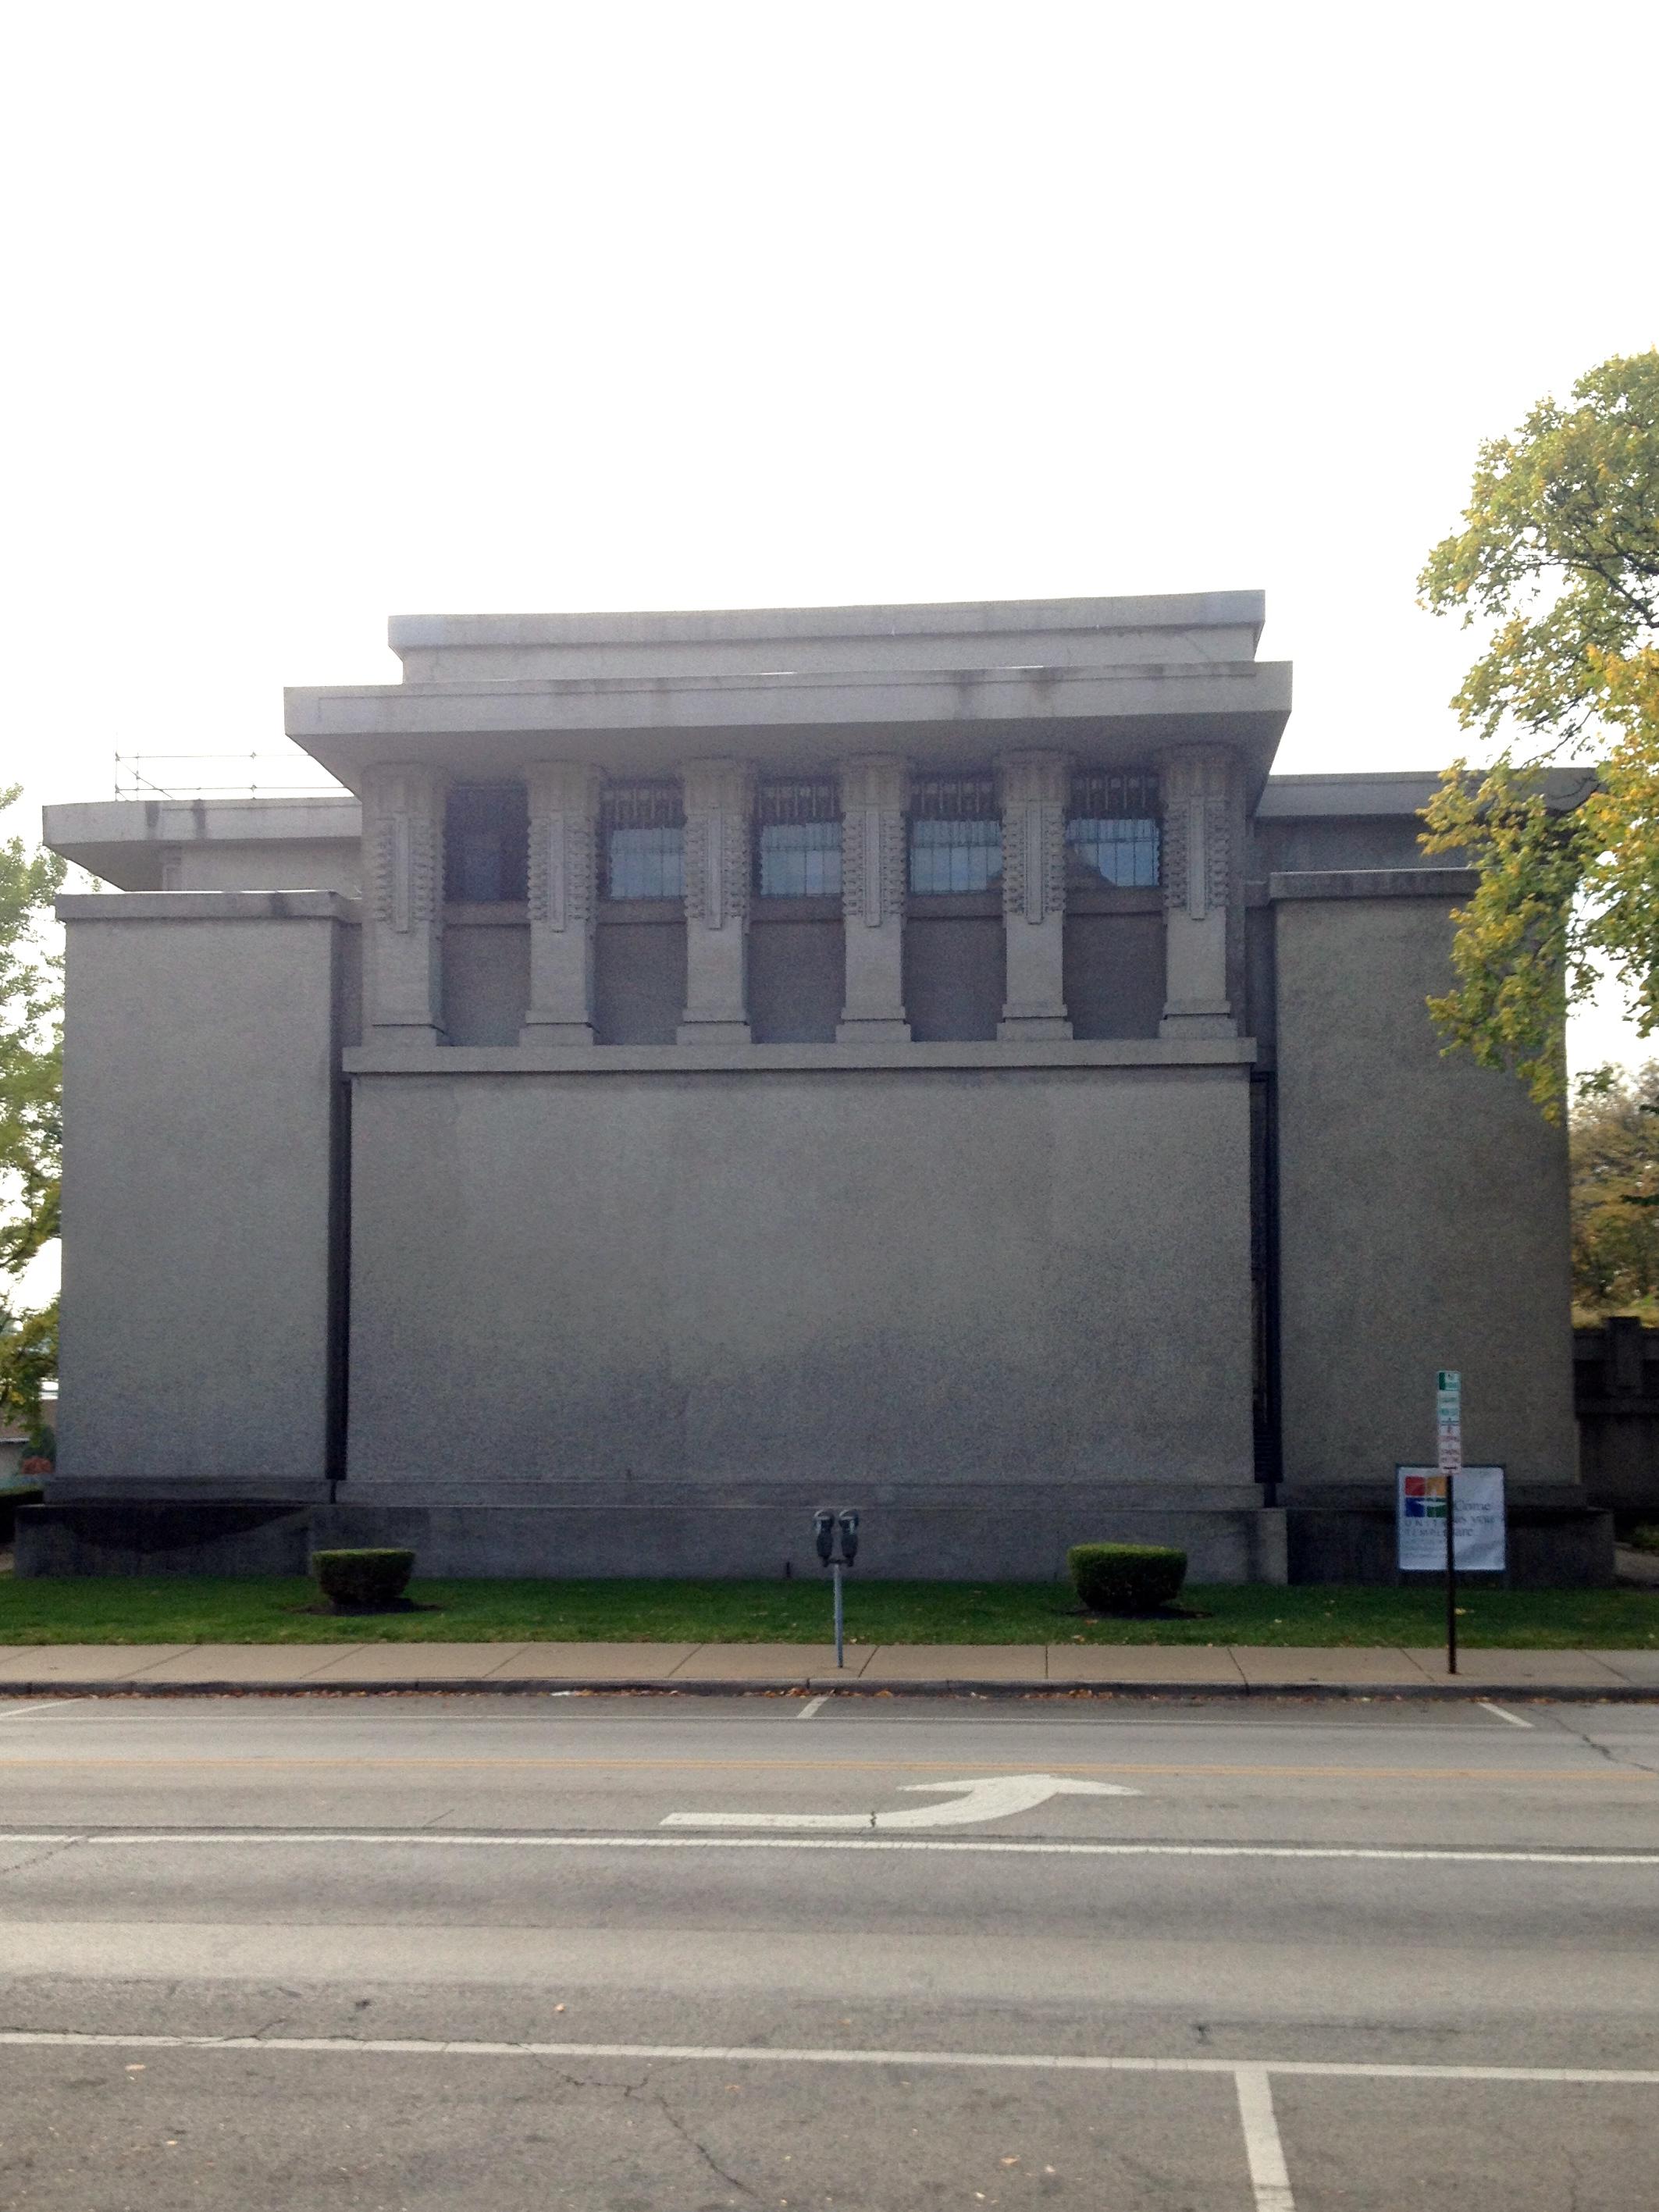 The famous Unity Temple in Oak Park